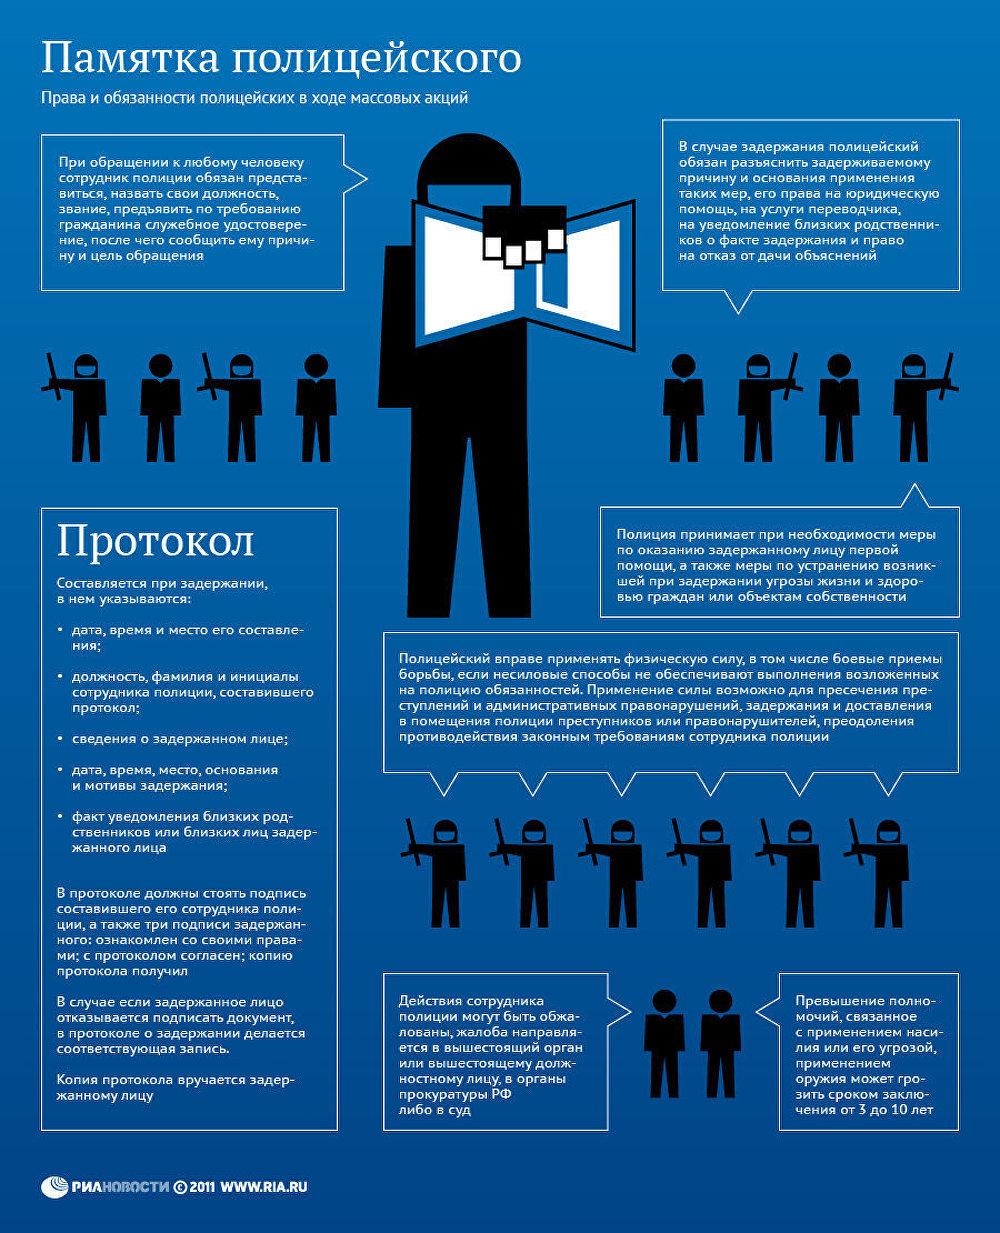 Права и обязанности полицейского